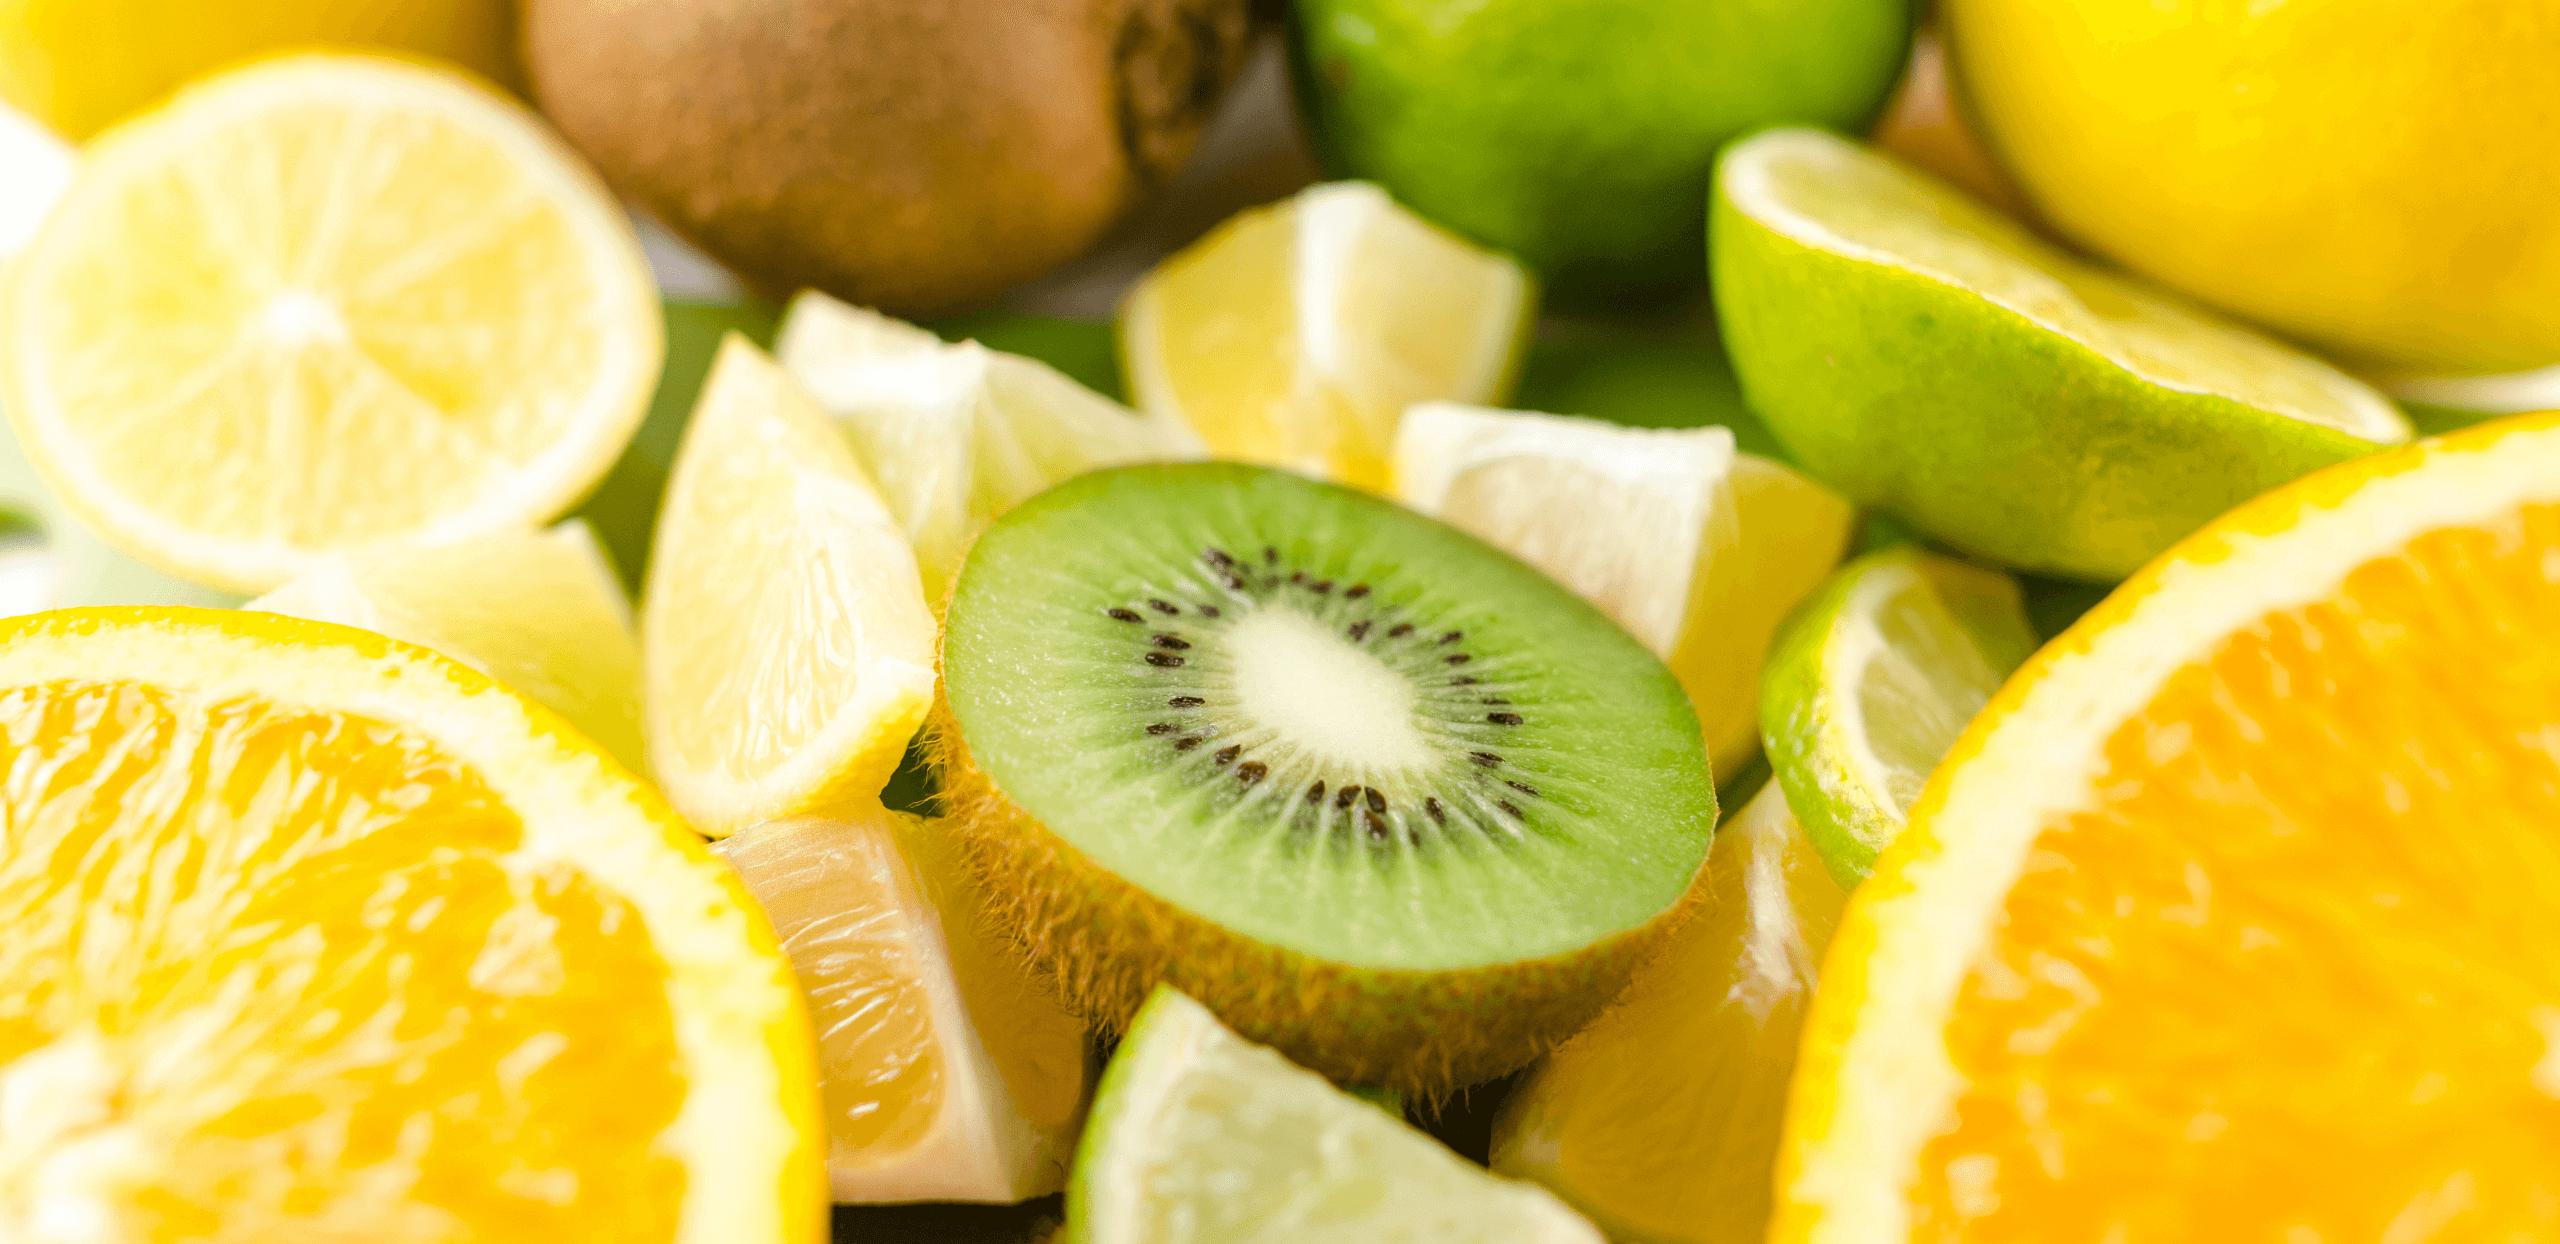 【ニキビの生活習慣】ビタミンCをこまめに摂取